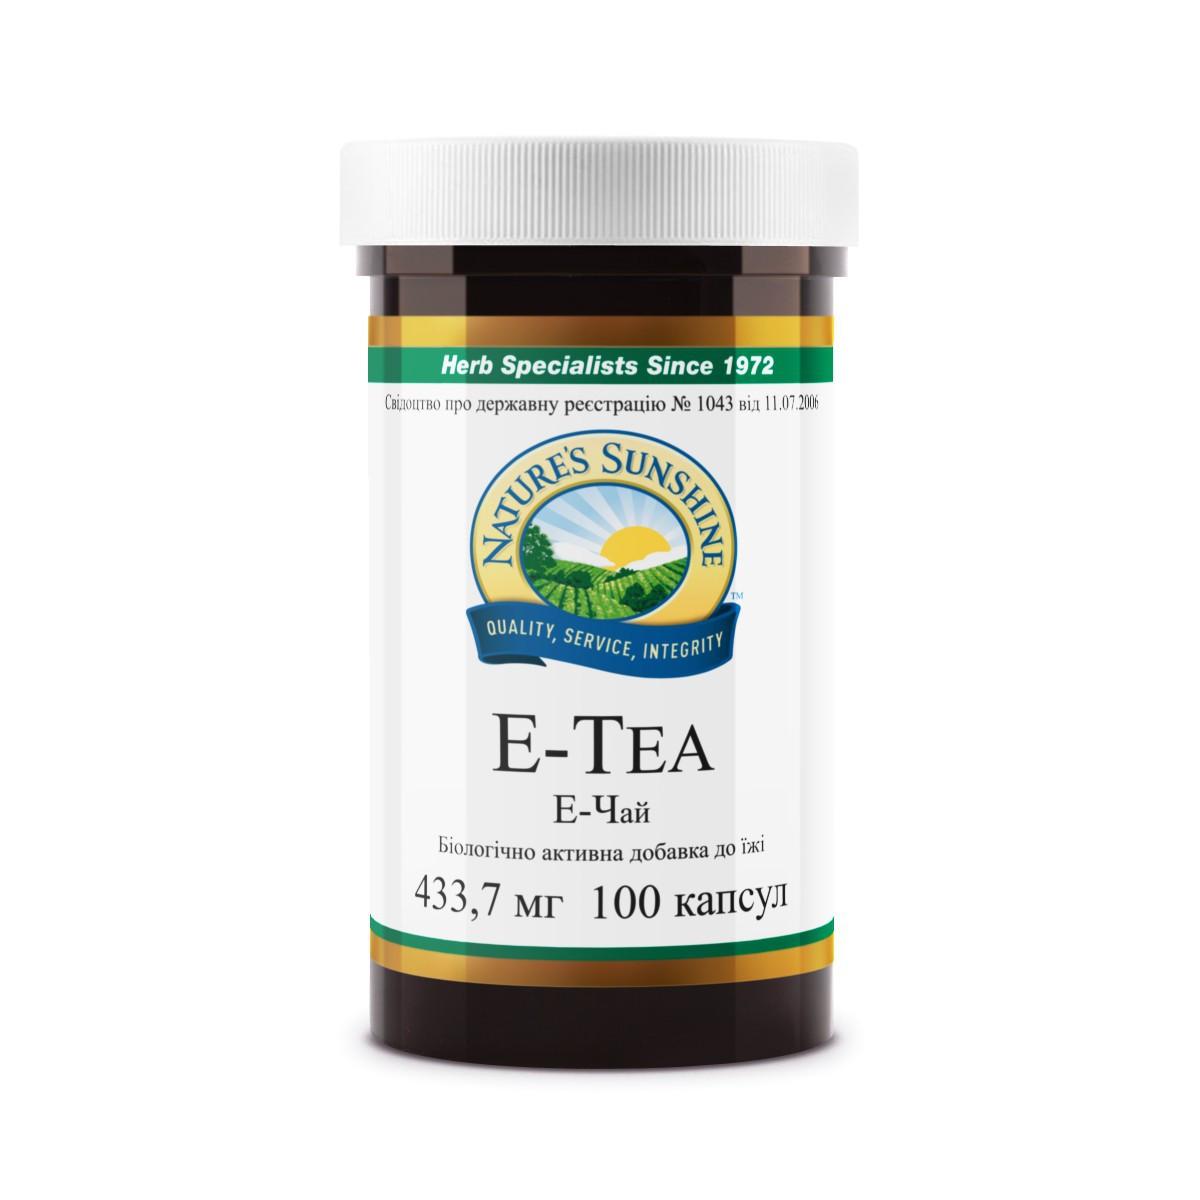 E-Tea,  Е-чай, Е чай, NSP, НСП, США. Повышение иммунитета, антиоксидант.